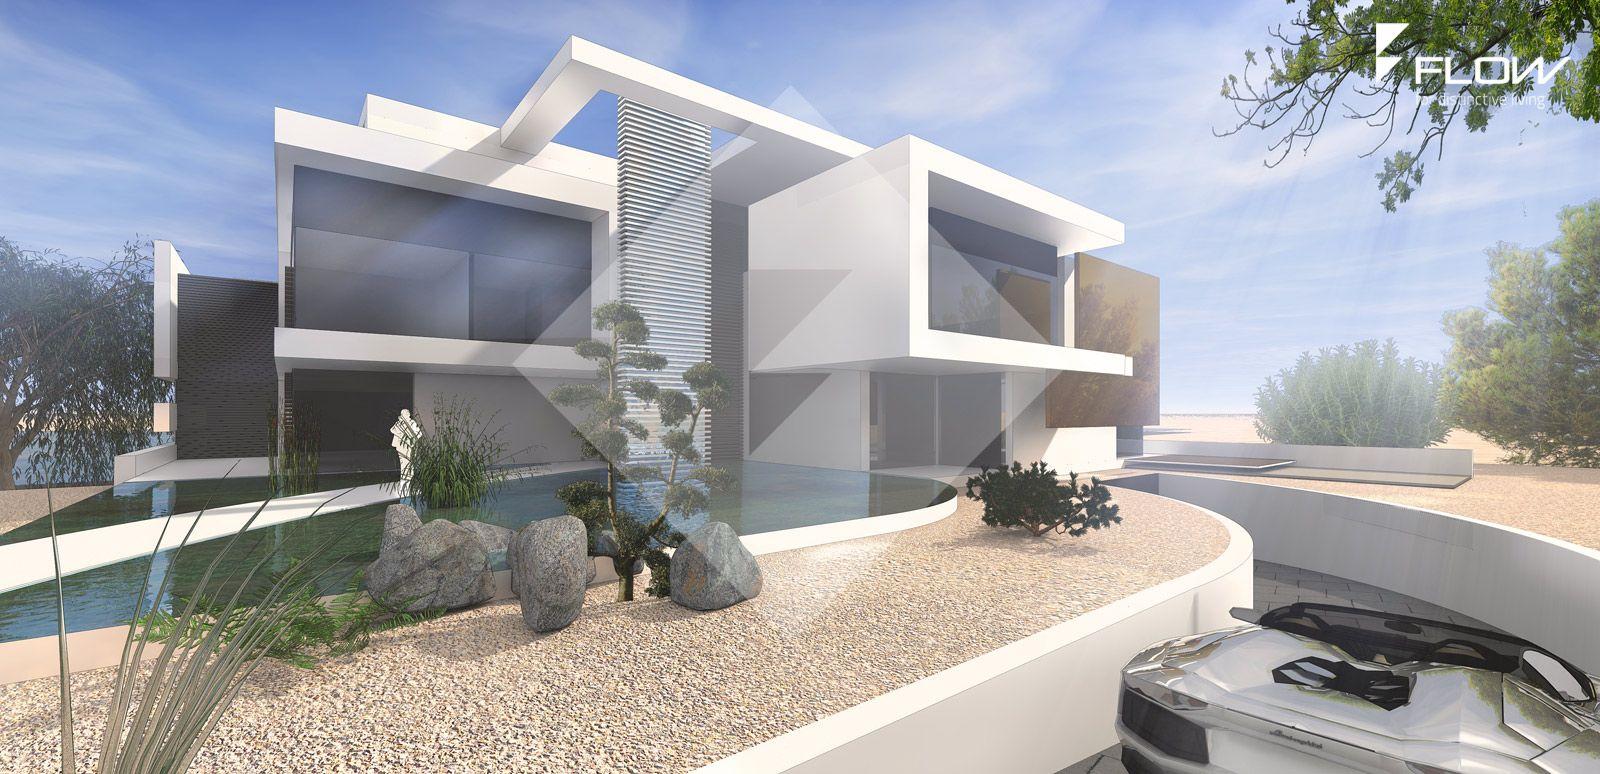 Moderne Mehrfamilienhäuser Bilder mehrfamilienhaus entwurf in moderner architektur design by flow